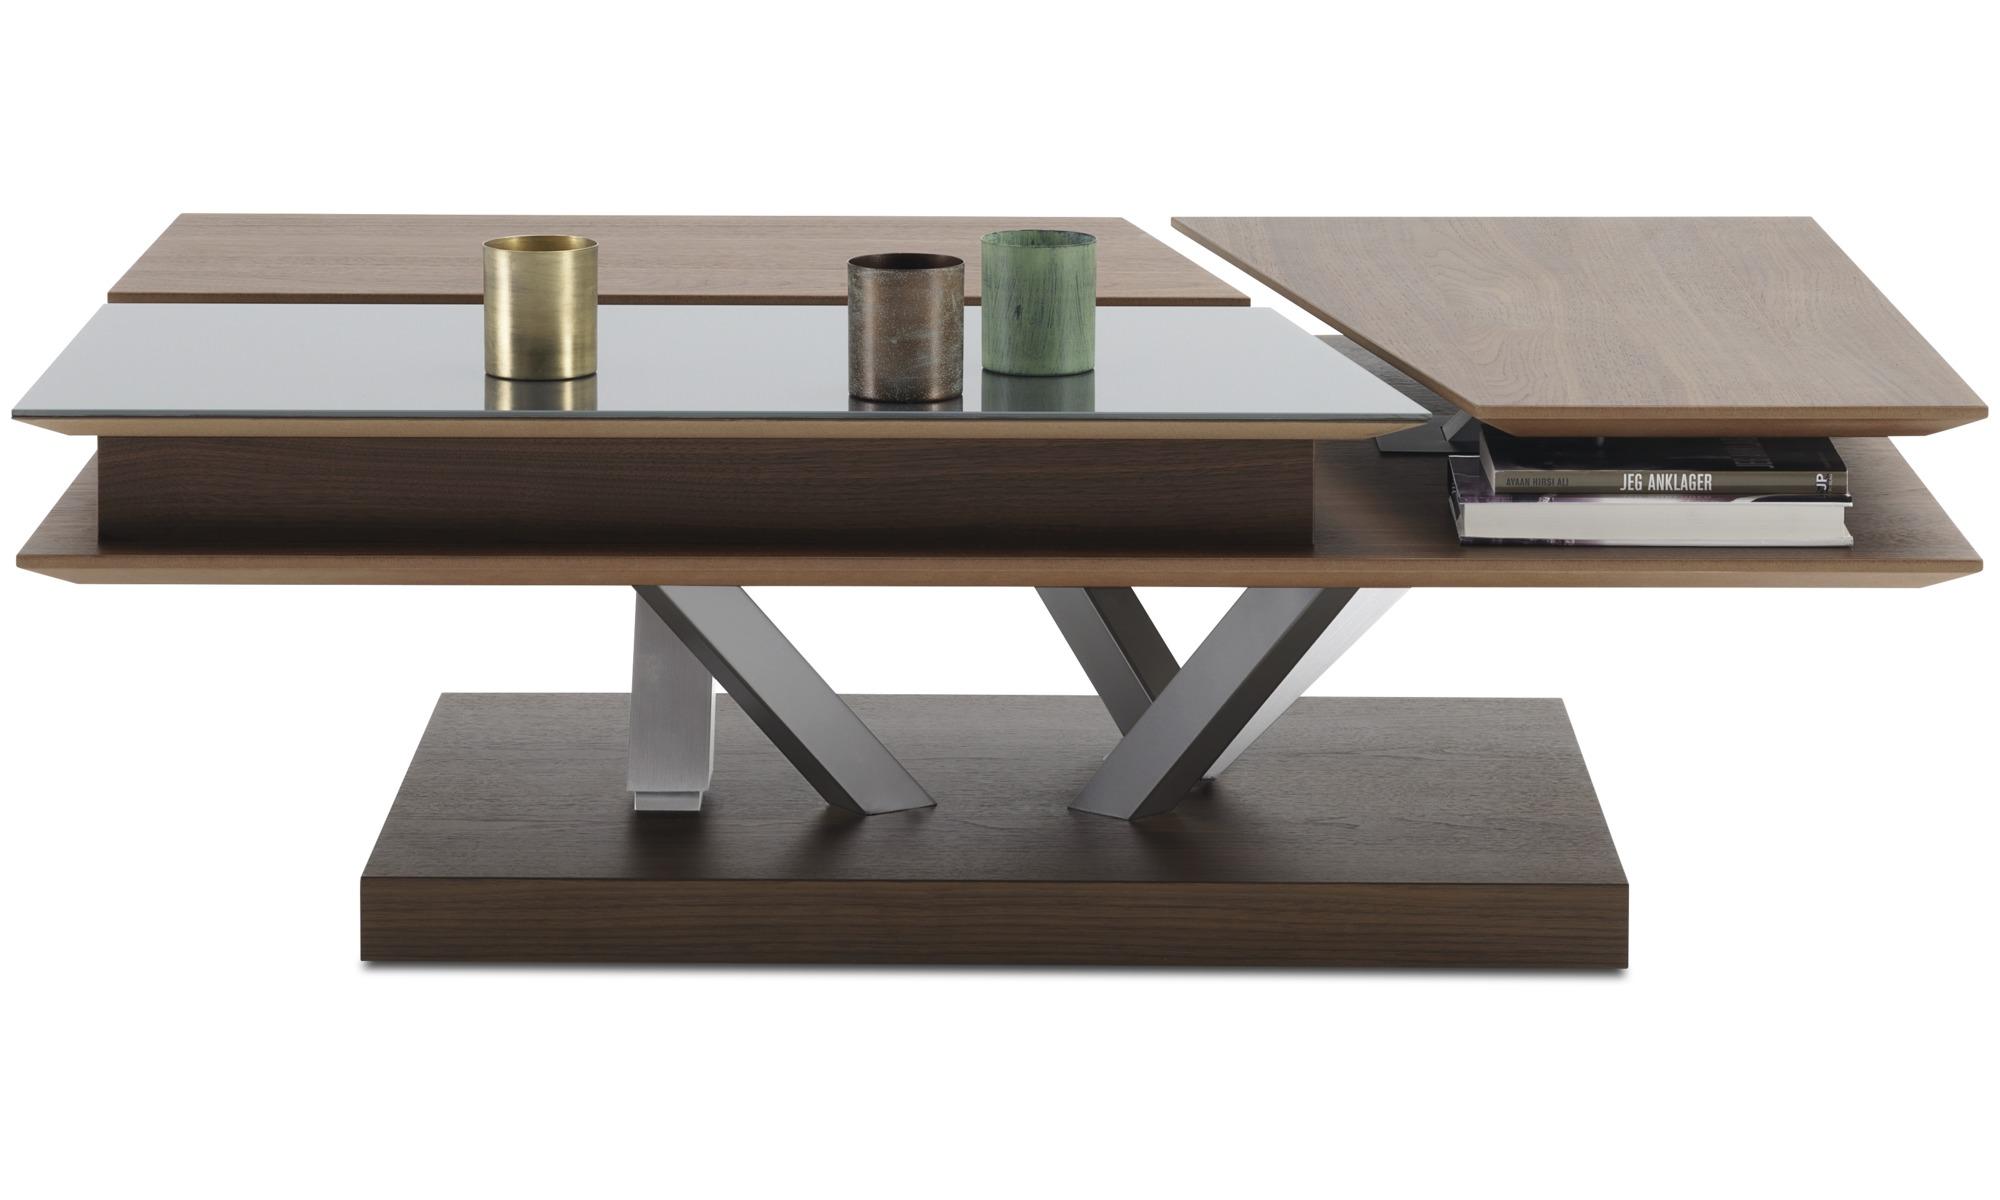 Mesas de centro mesa de centro funcional barcelona con for Mesas diseno barcelona